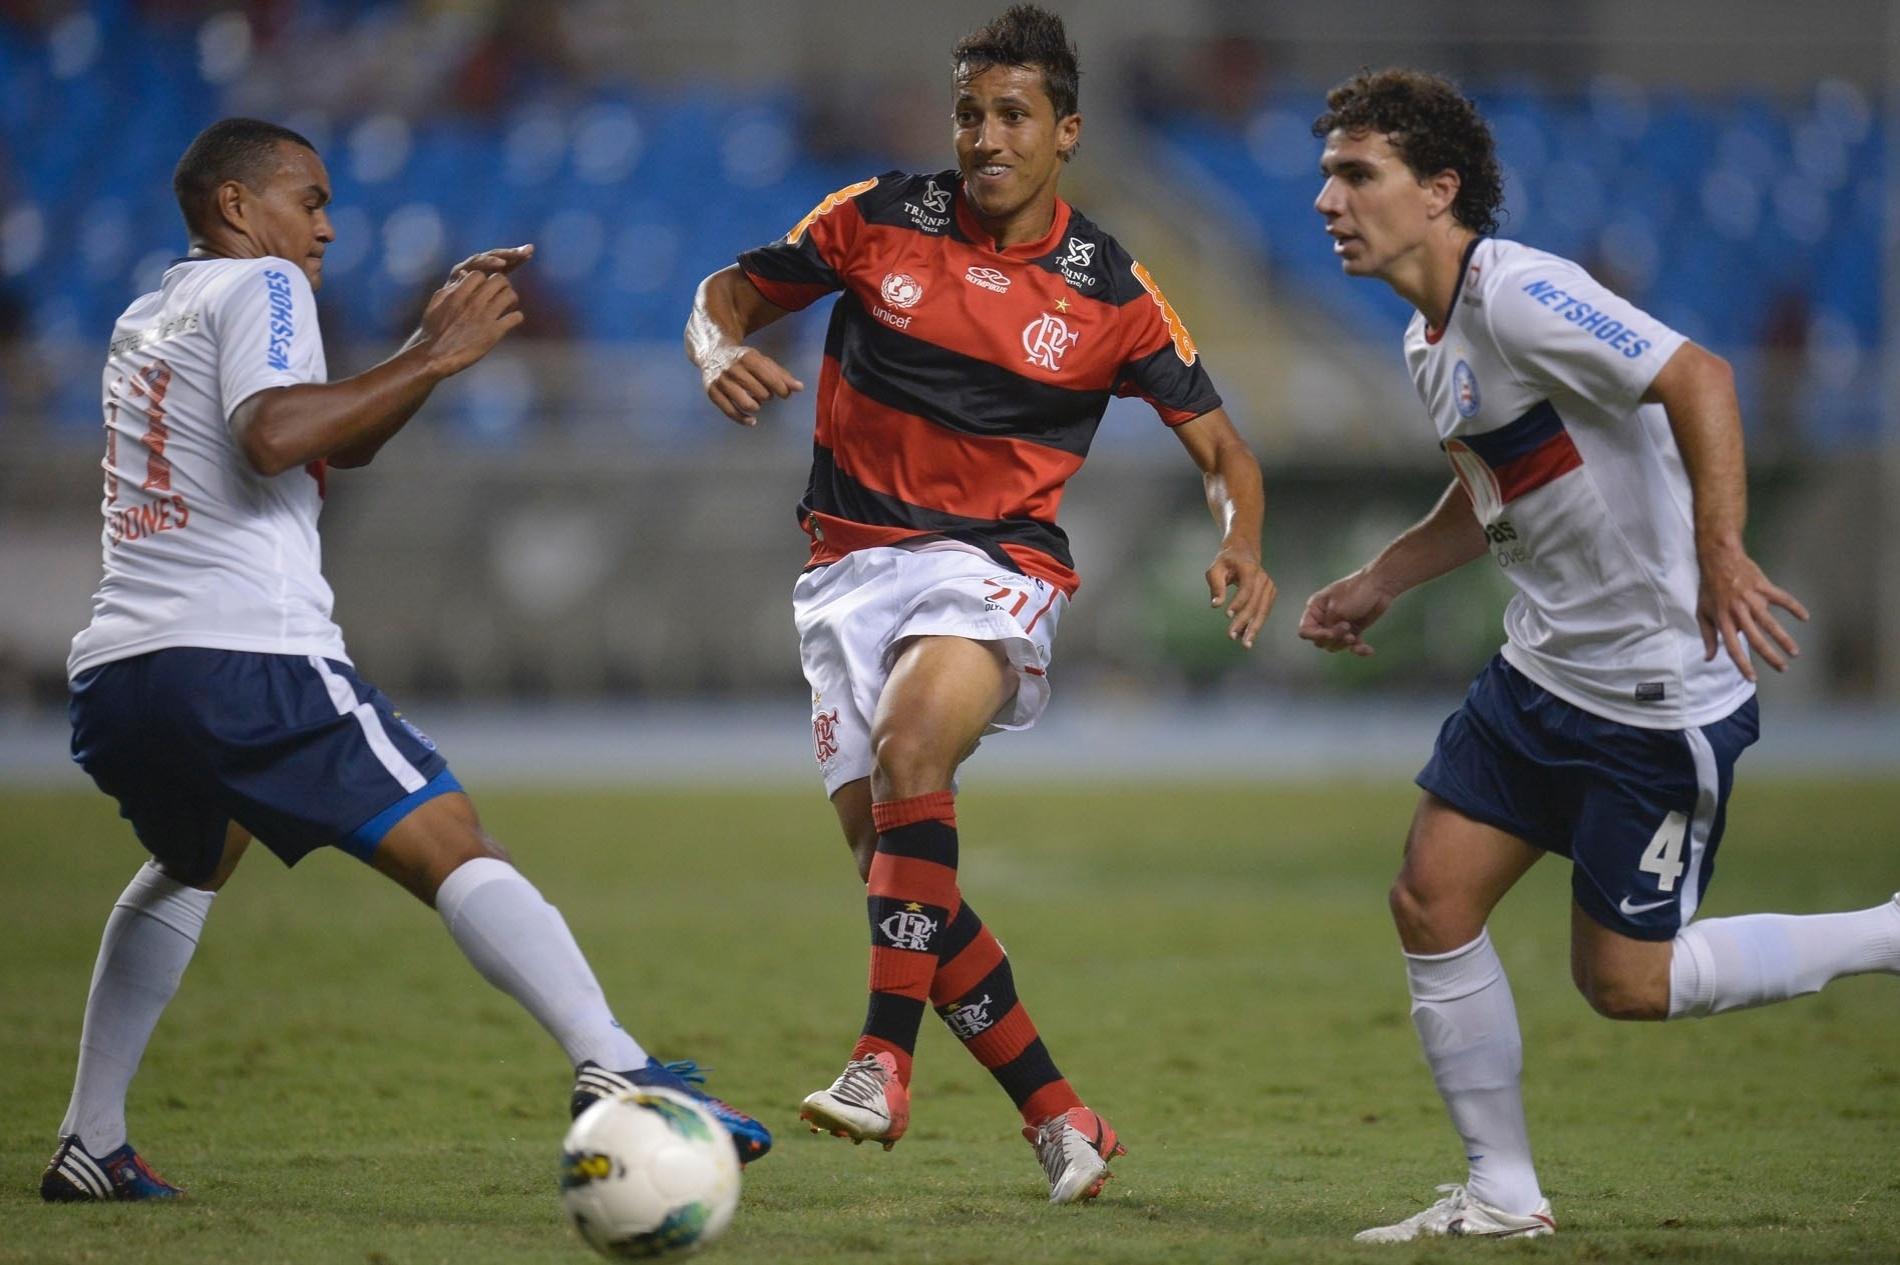 Magal, lateral esquerdo do Flamengo, passa a bola no meio de dois jogadores do Bahia, em duelo no Engenhão